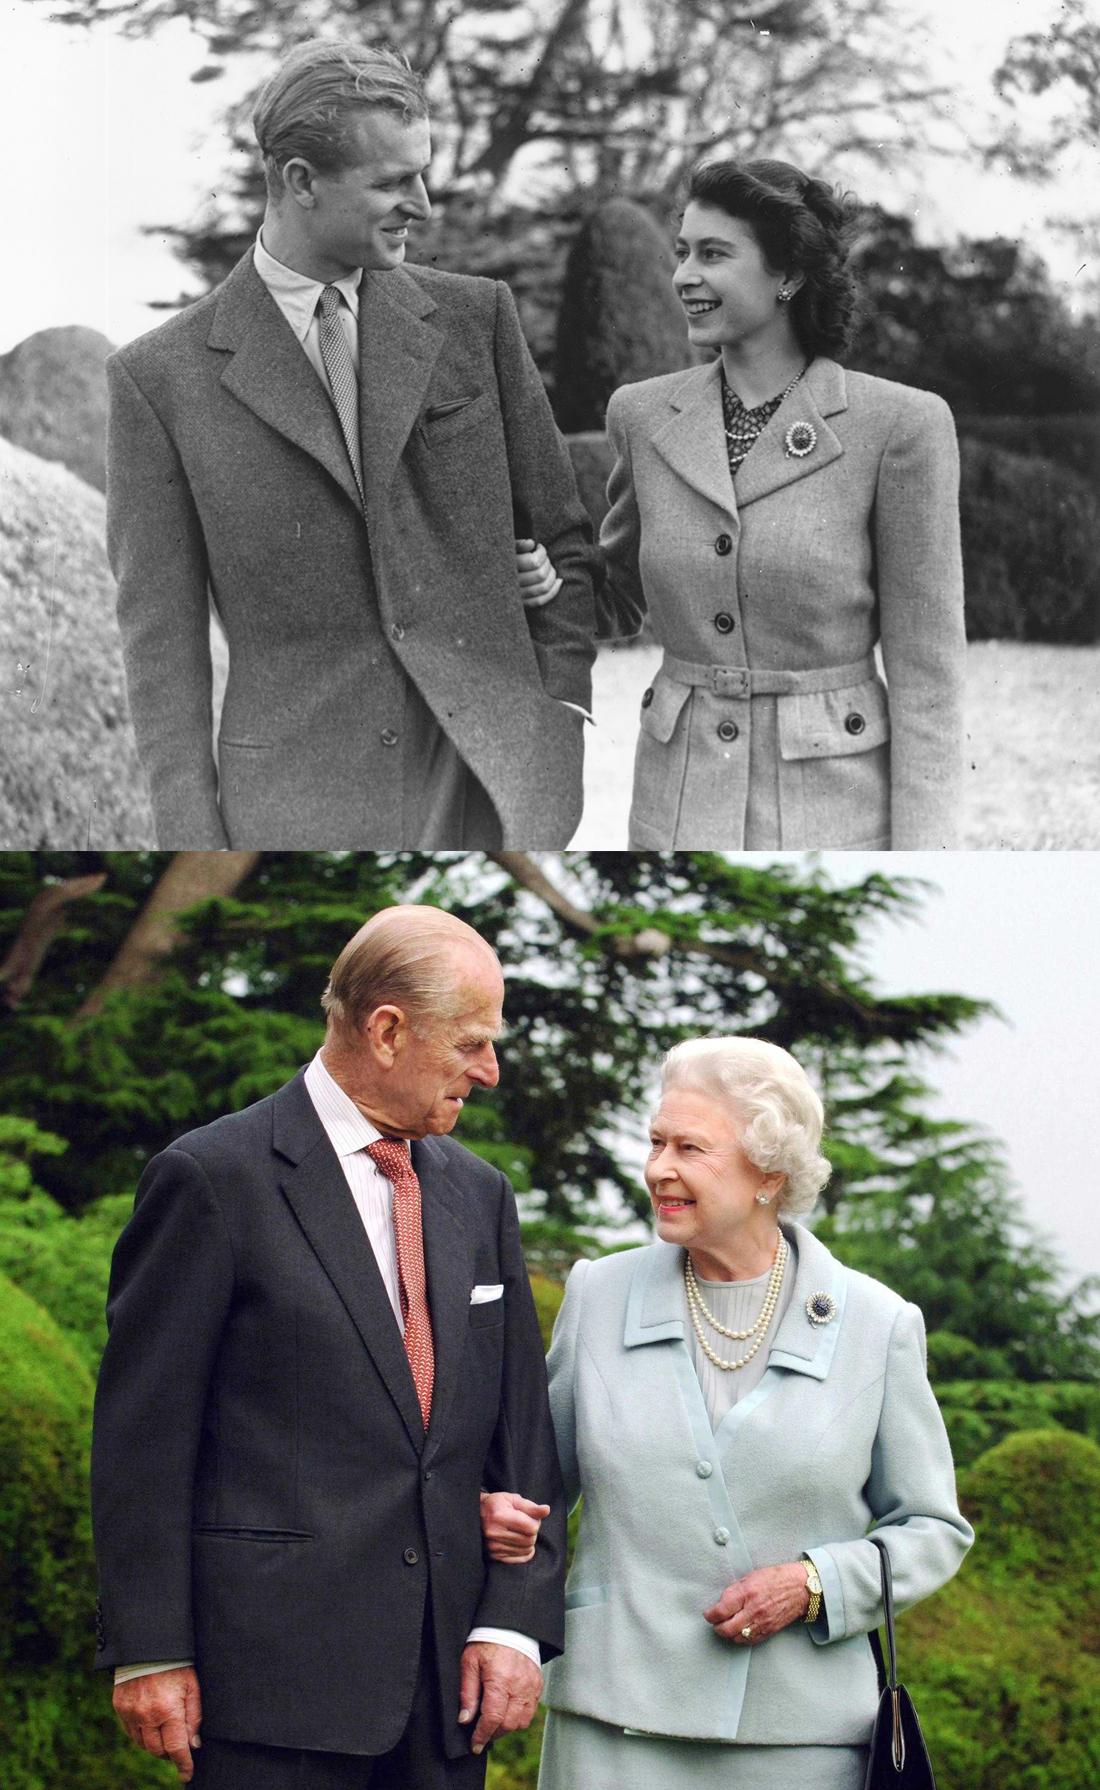 上图:1947年11月24日,伊丽莎白公主和菲利普在布罗德兰兹庄园度蜜月时携手散步。下图:2007年,结婚60周年之际,英国女王伊丽莎白二世和菲利普亲王在同样的地方拍了张同样动作的照片。